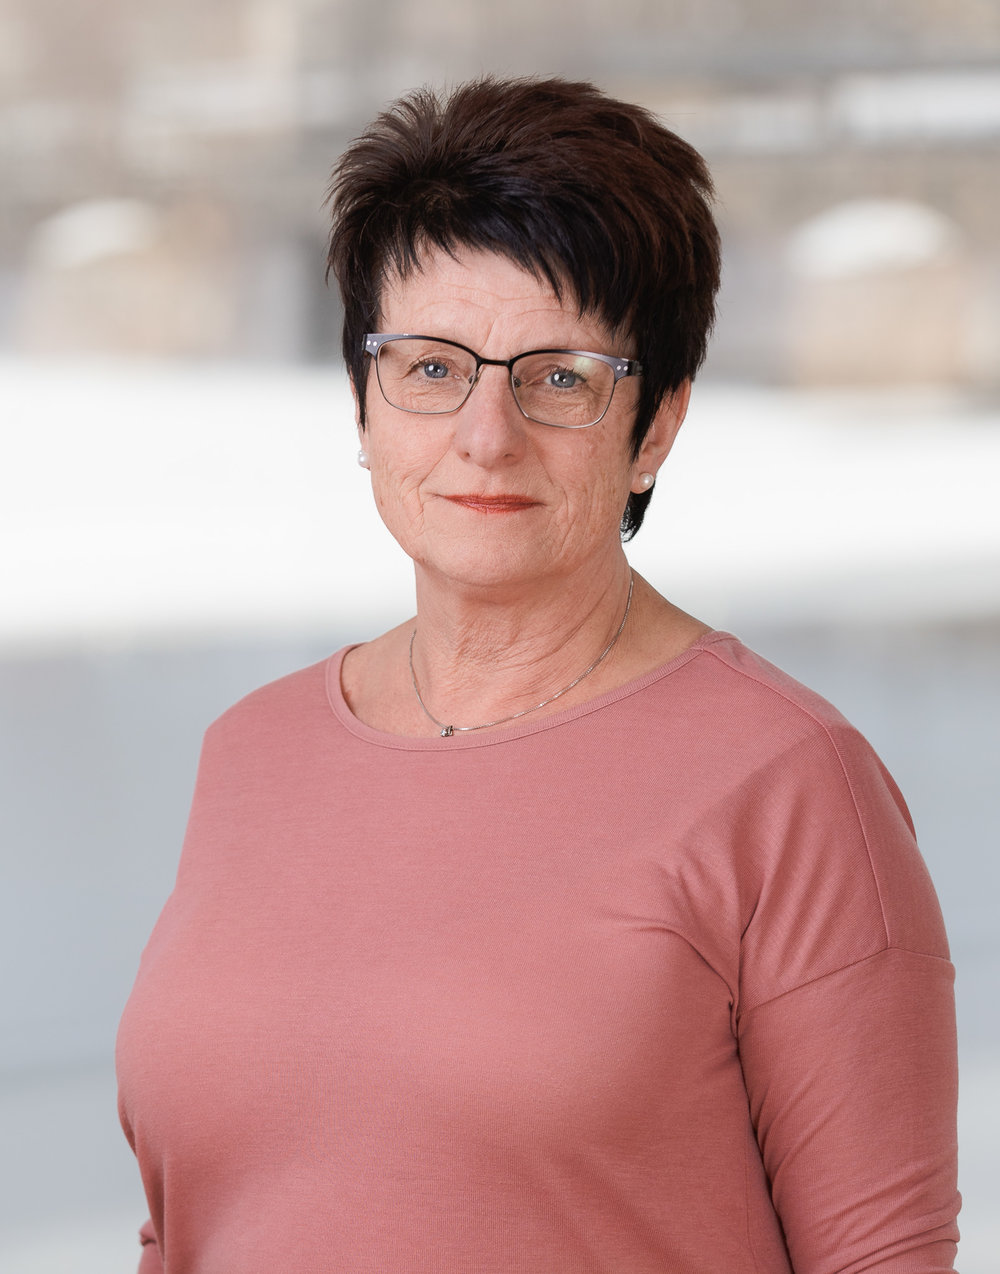 Irene Öberg Karlsson  Arbetscoach och Kundansvarig  054-777 27 70  karlstad@stadarna.se   Hemänglarna AB / Städarna i Karlstad Dagvindsgatan 1 652 21 Karlstad  Arbetat på Städarna sedan 2009 (Fd. Hemänglarna)